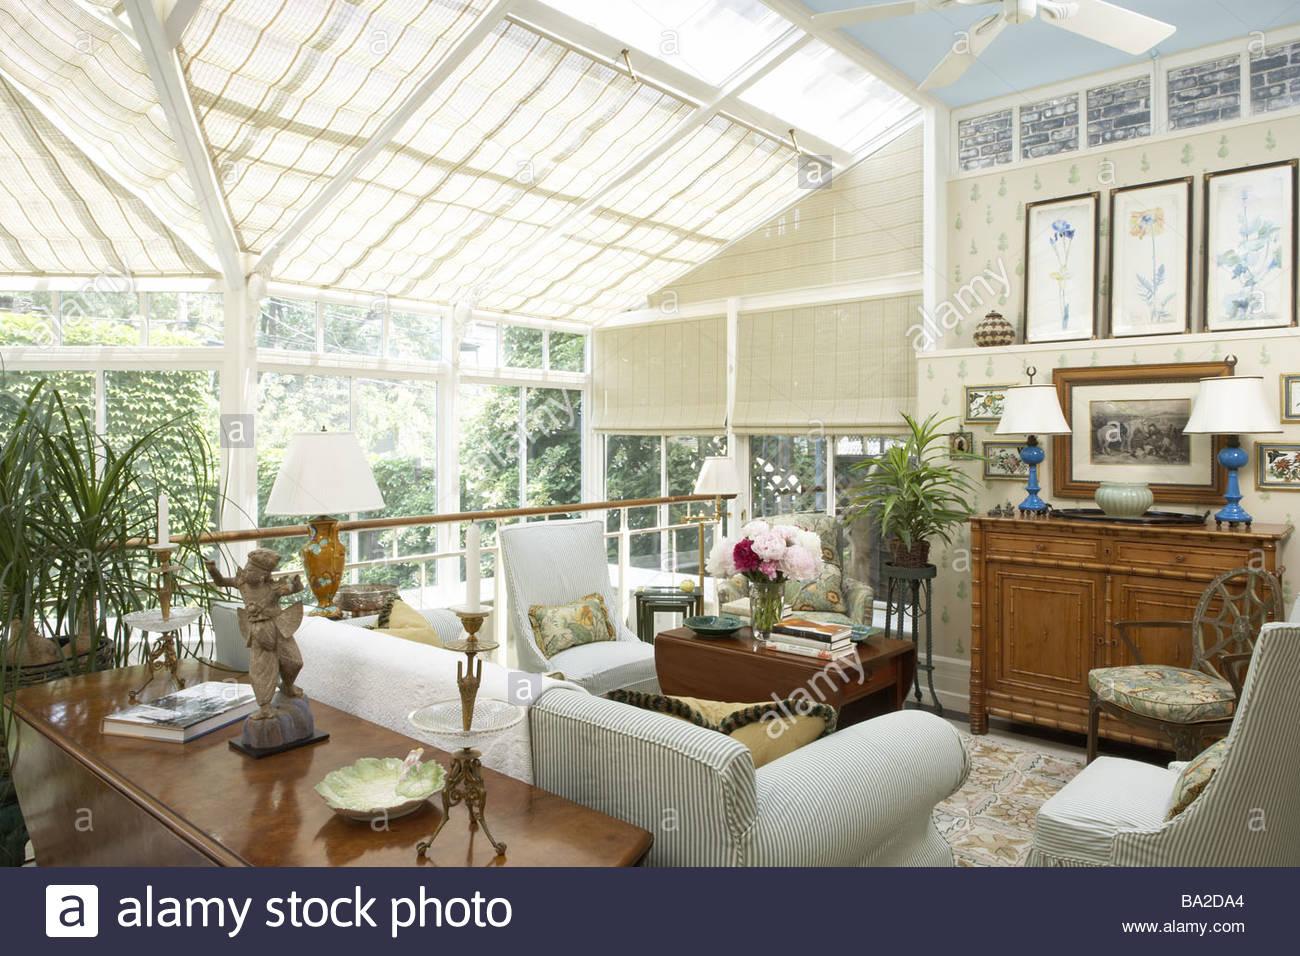 Möbel Für Wintergärten wintergarten sitze holz möbel wohnfläche wohnzimmer sitzecke kissen